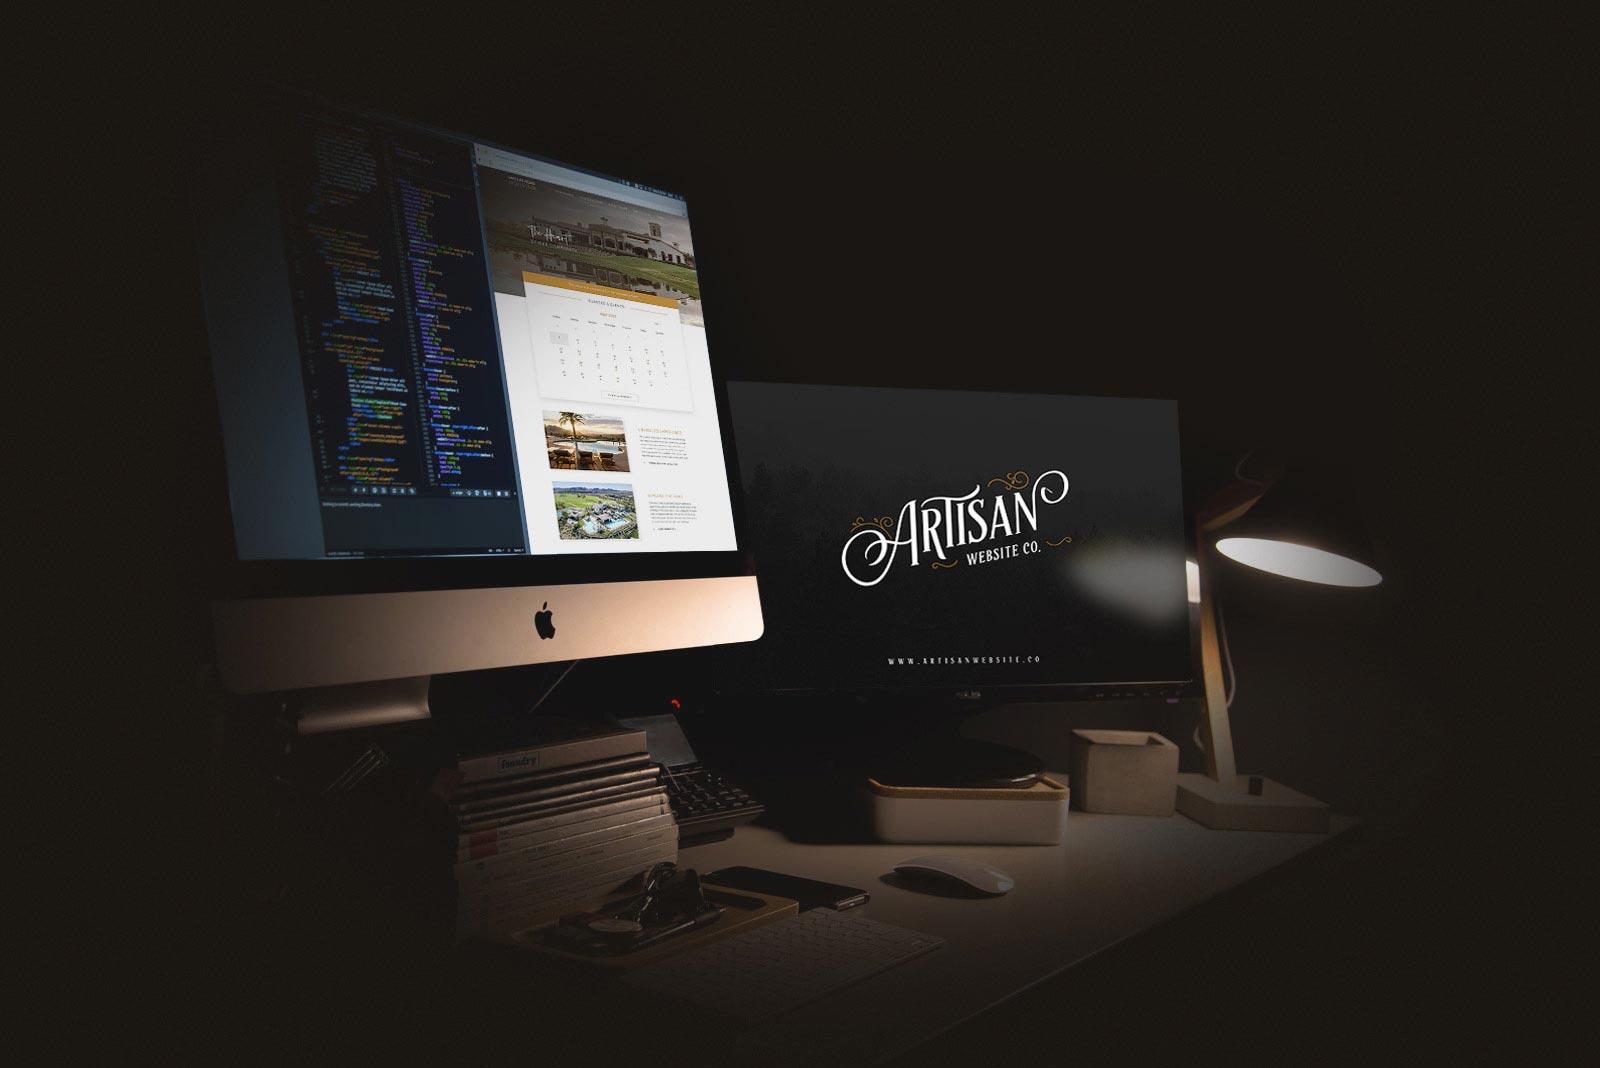 Las Vegas website and design studio.